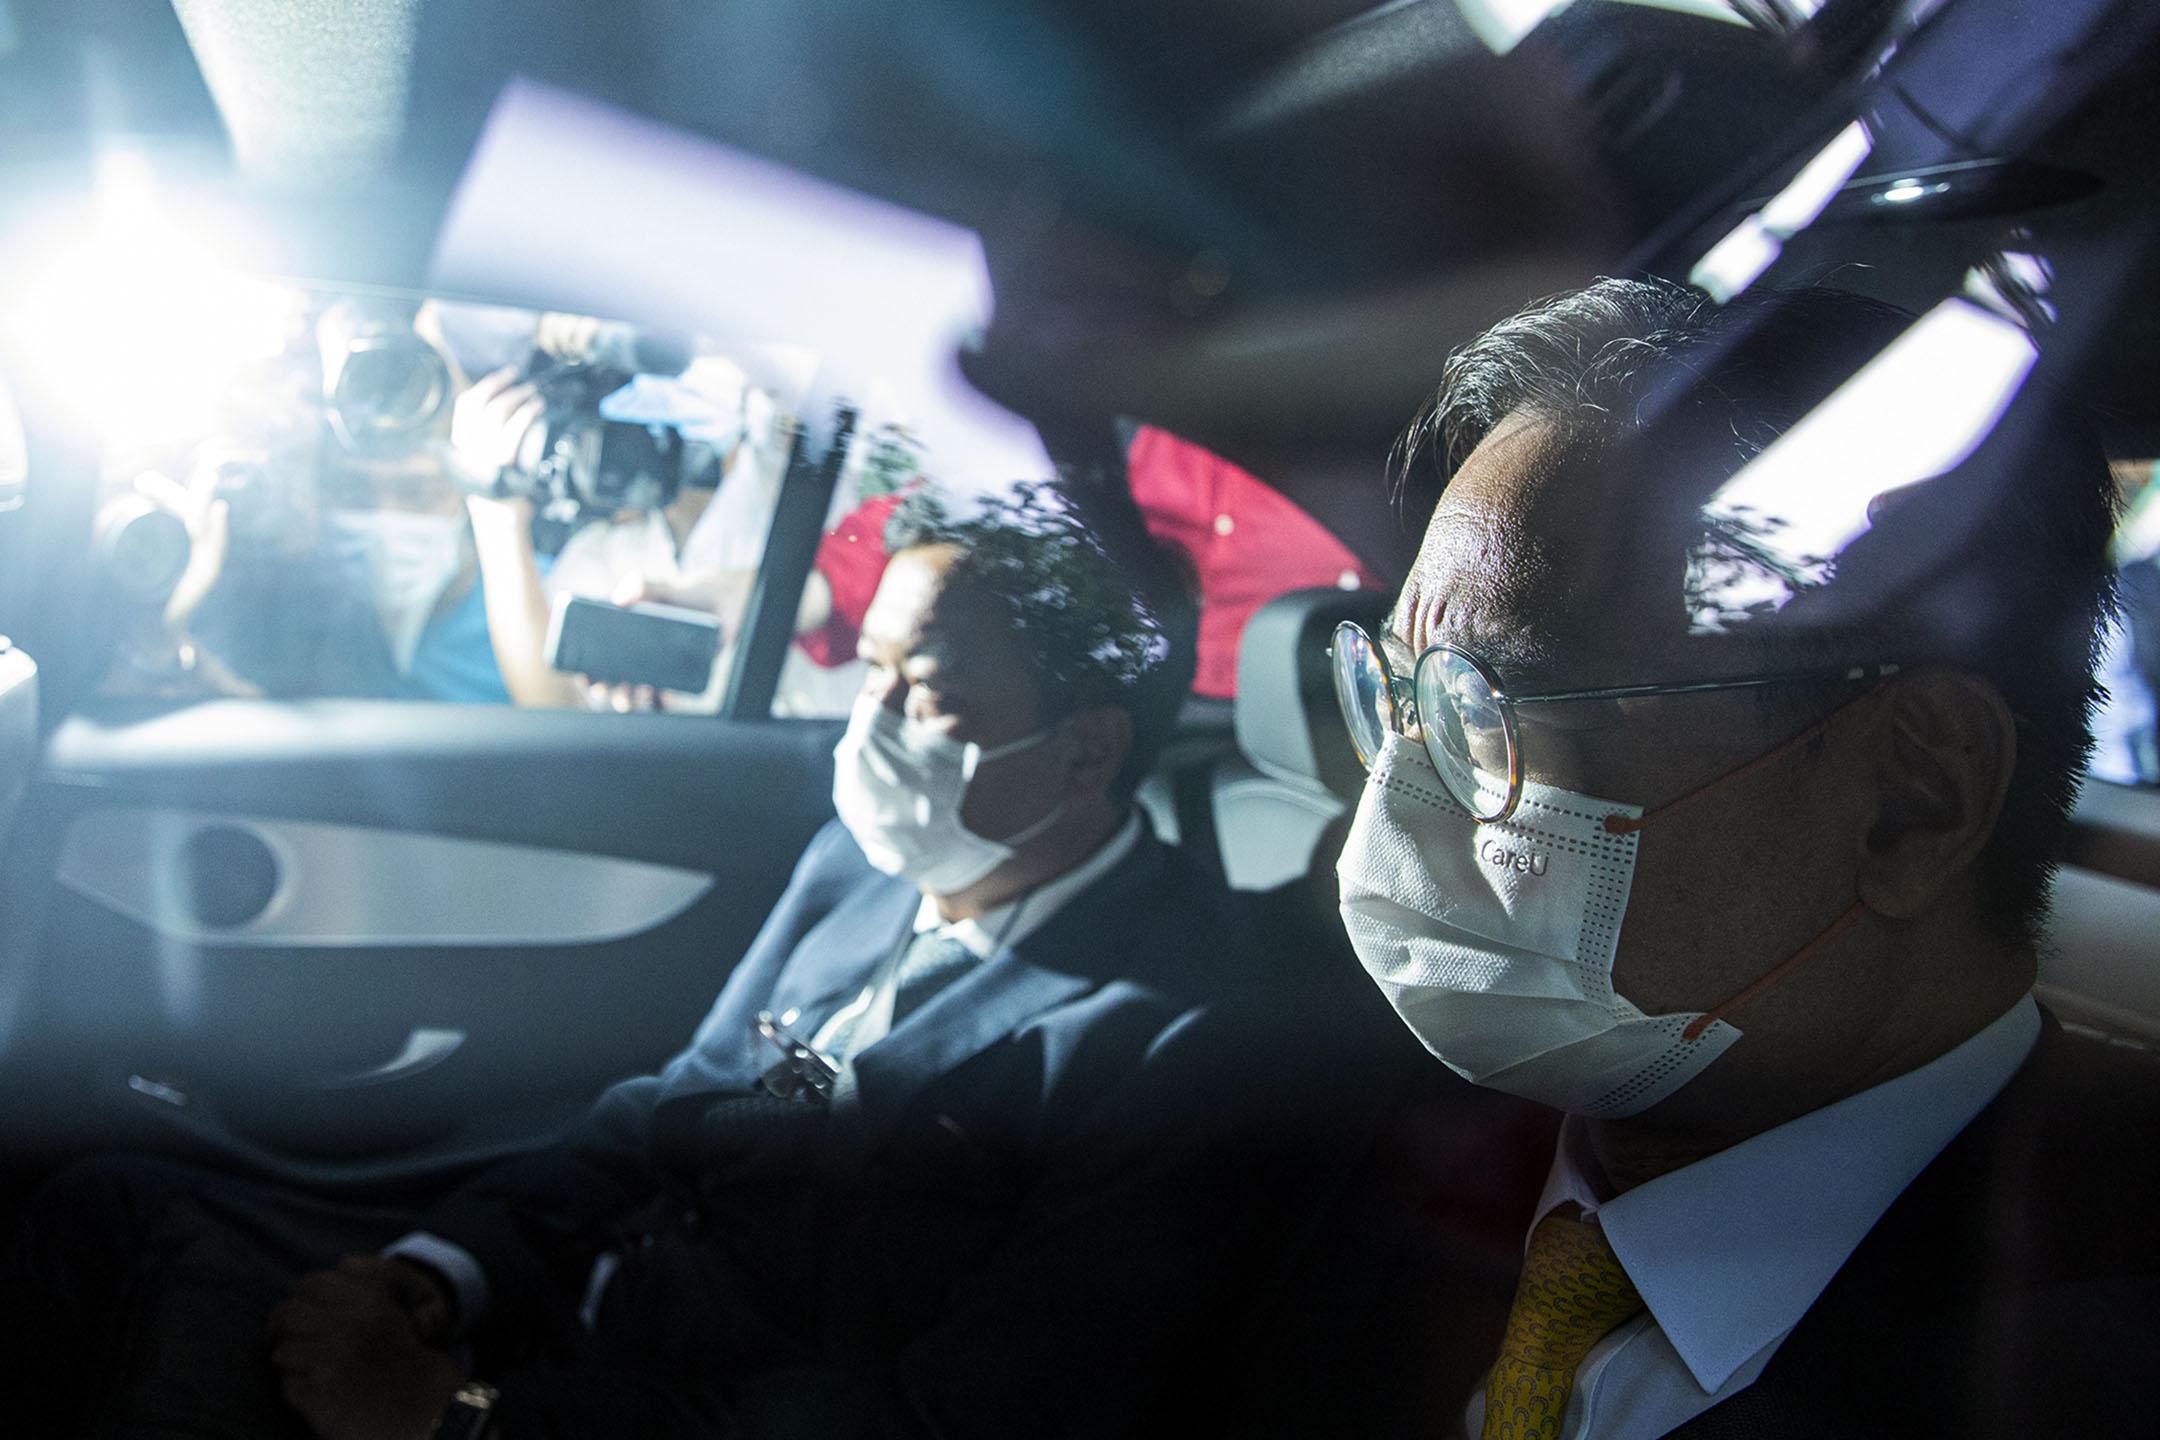 2021年4月7日西九龍裁判法院,李宇軒的代表律師羅達雄(左)、事務律師陳天立(右)乘車離開法院。 攝:陳焯煇/端傳媒